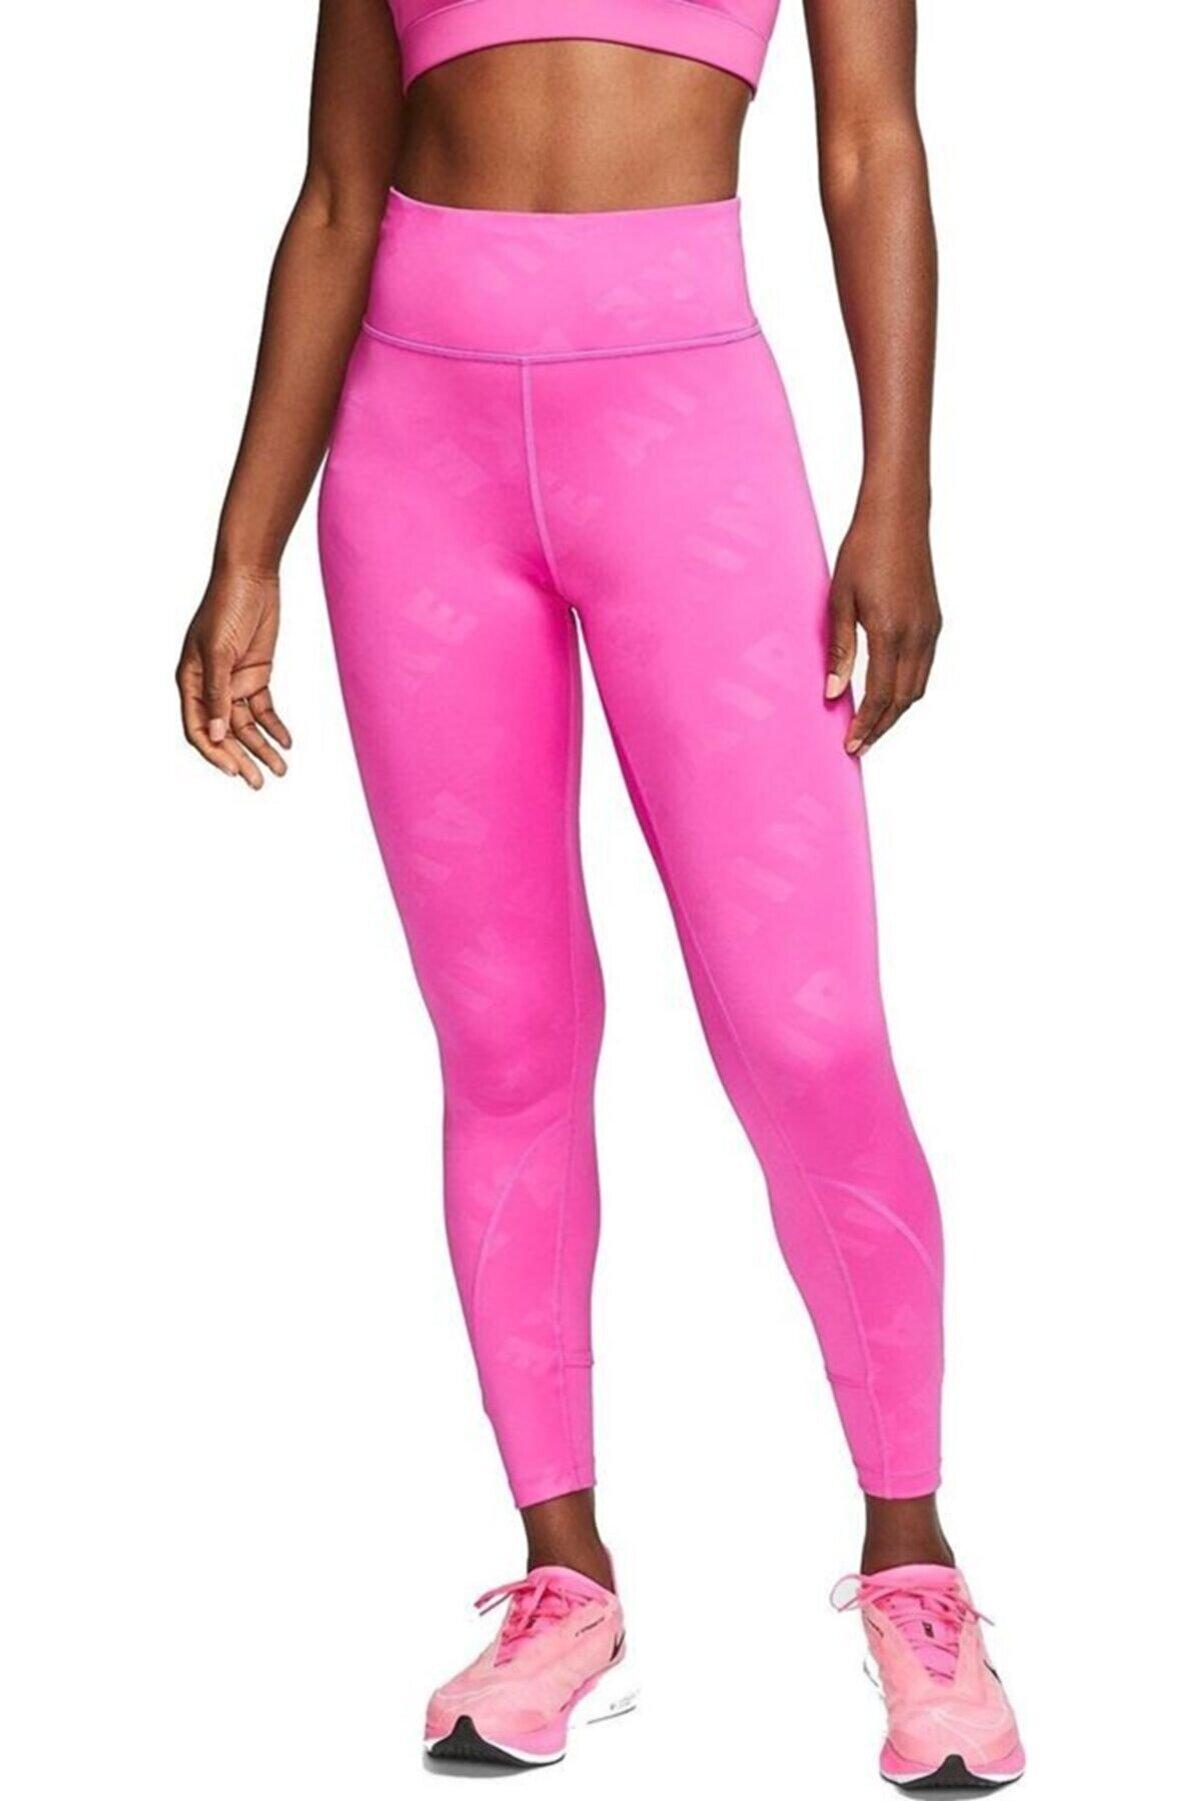 Nike Air Kadın Koşu Taytı Cj2149-601 7/8